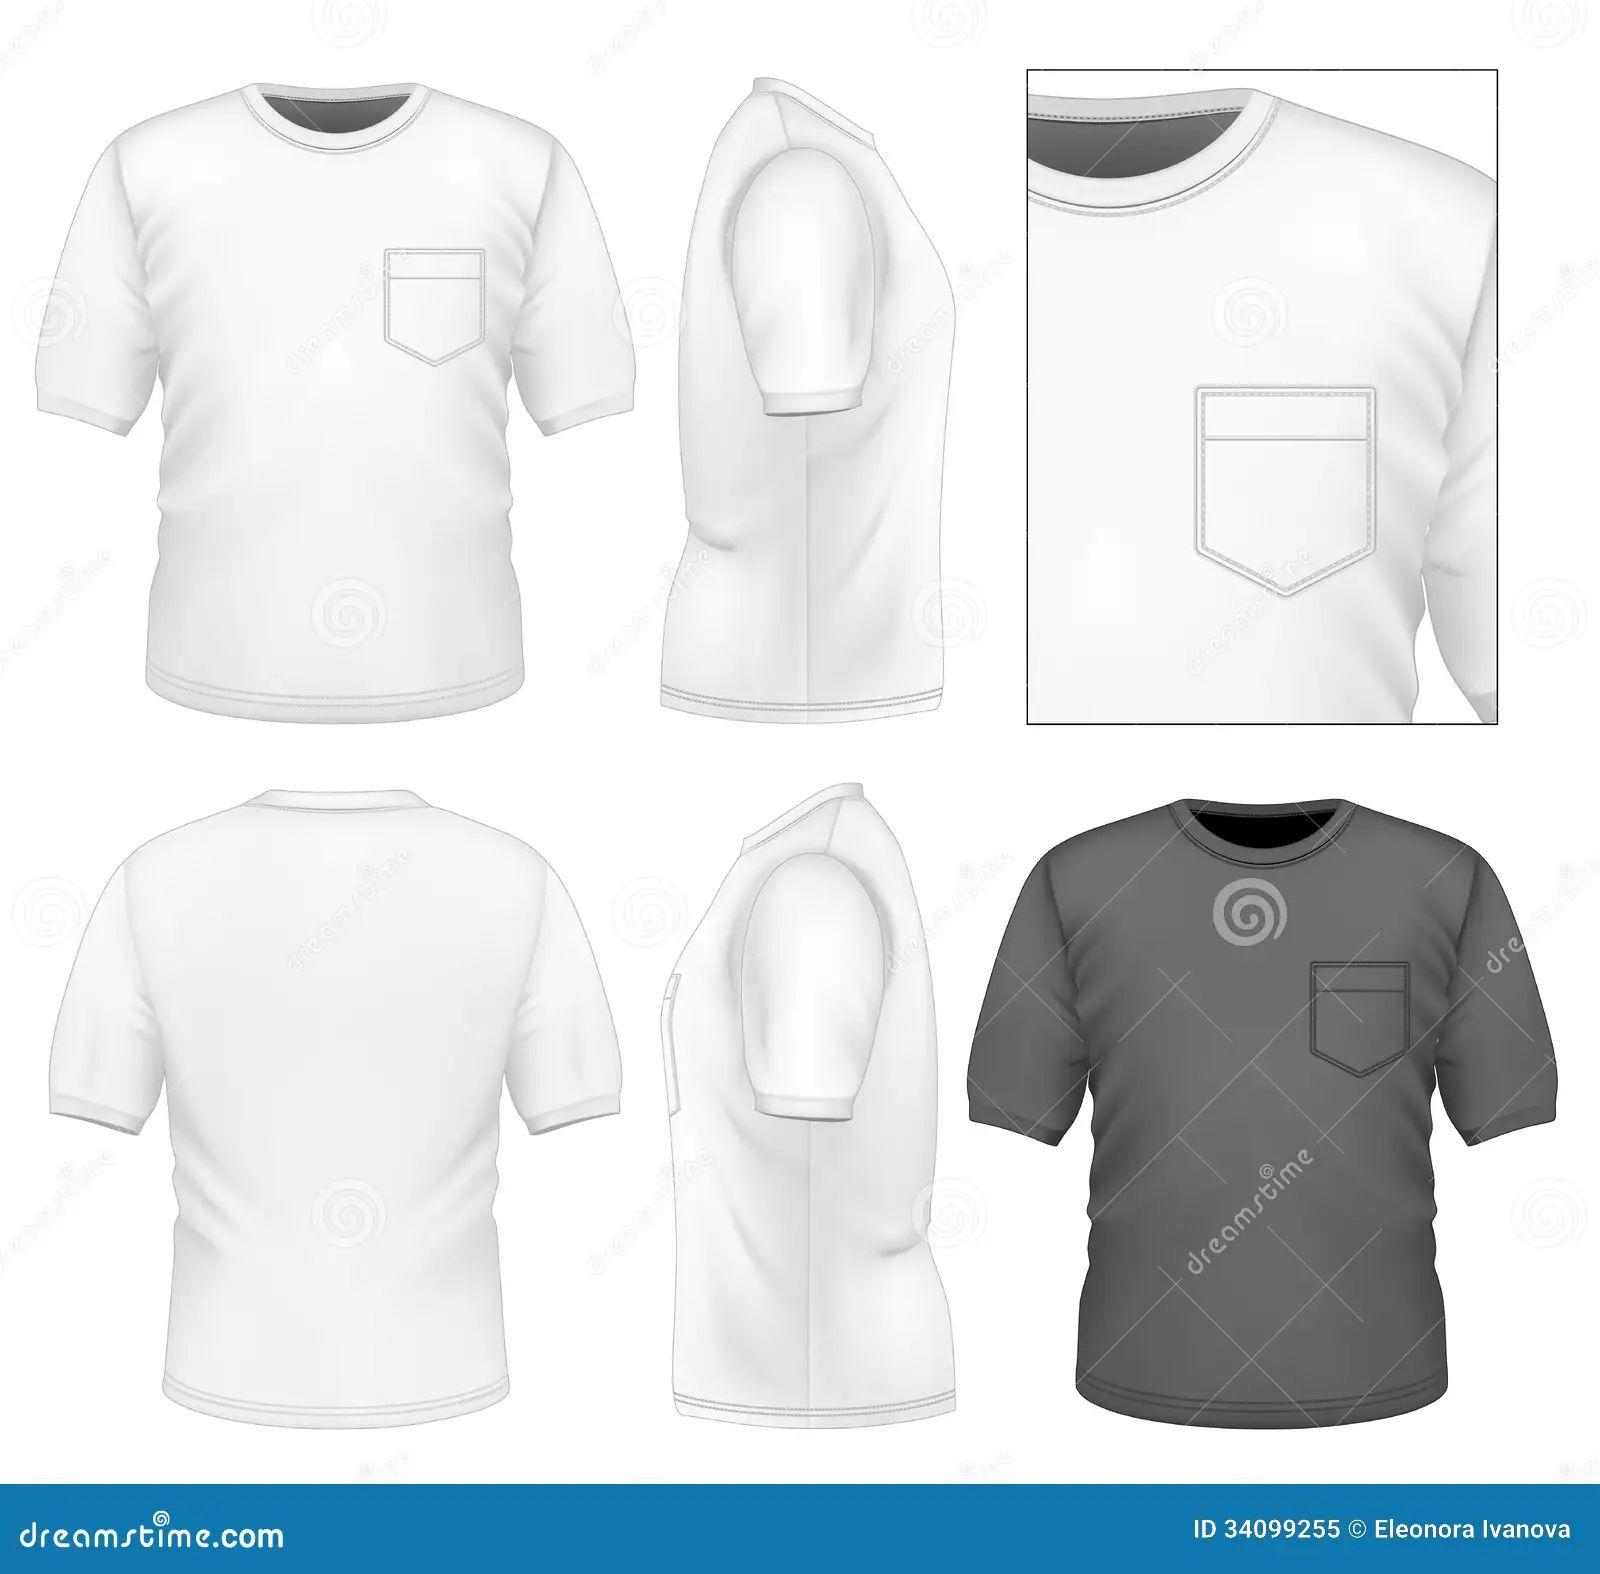 Back design front illustration men photo realistic shirt side t